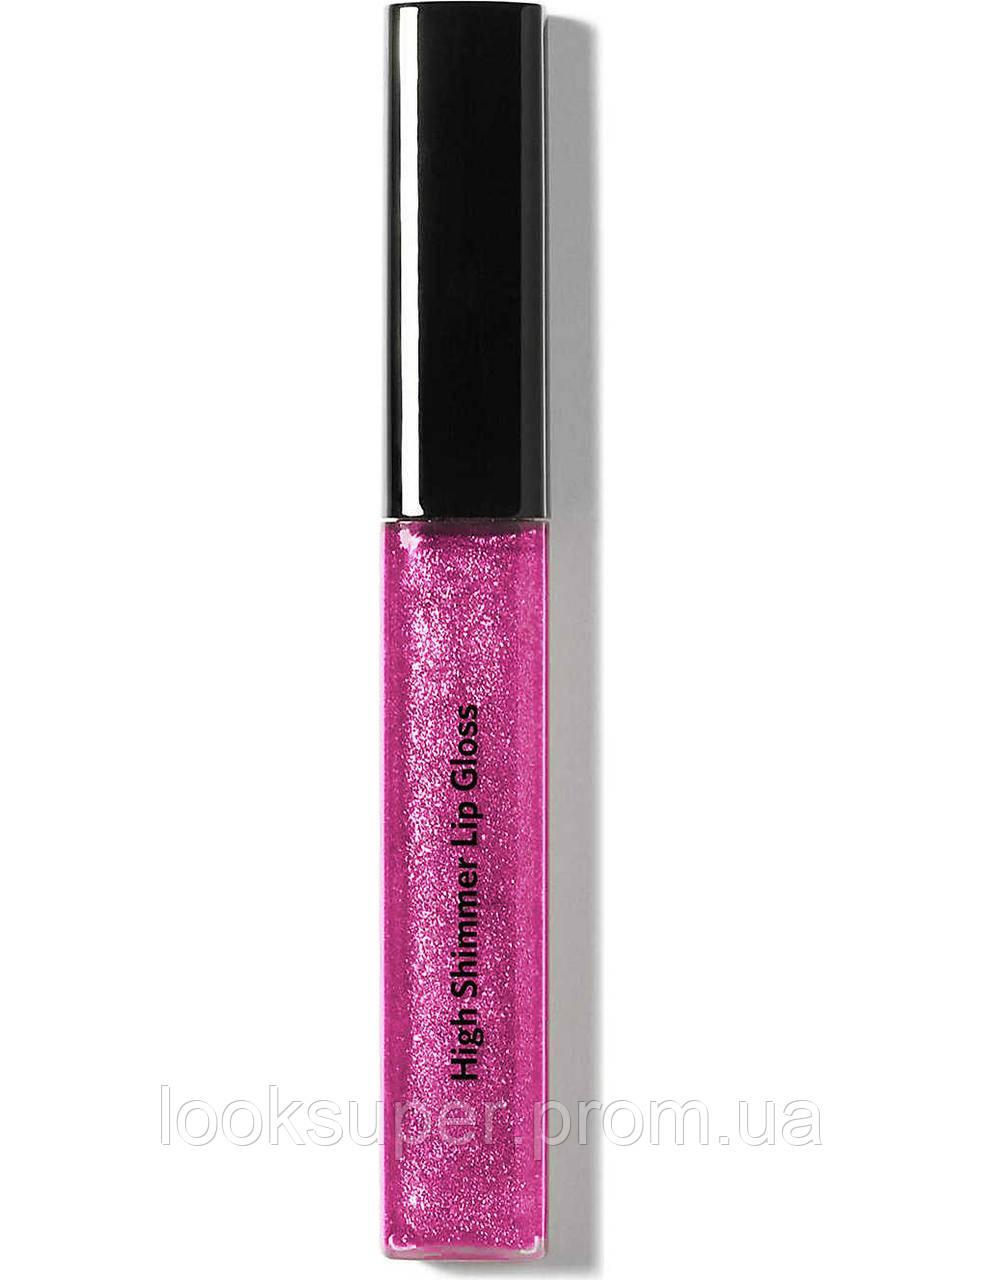 Блеск для губ Боби Браун High Shimmer Lip Gloss - Electric Violet